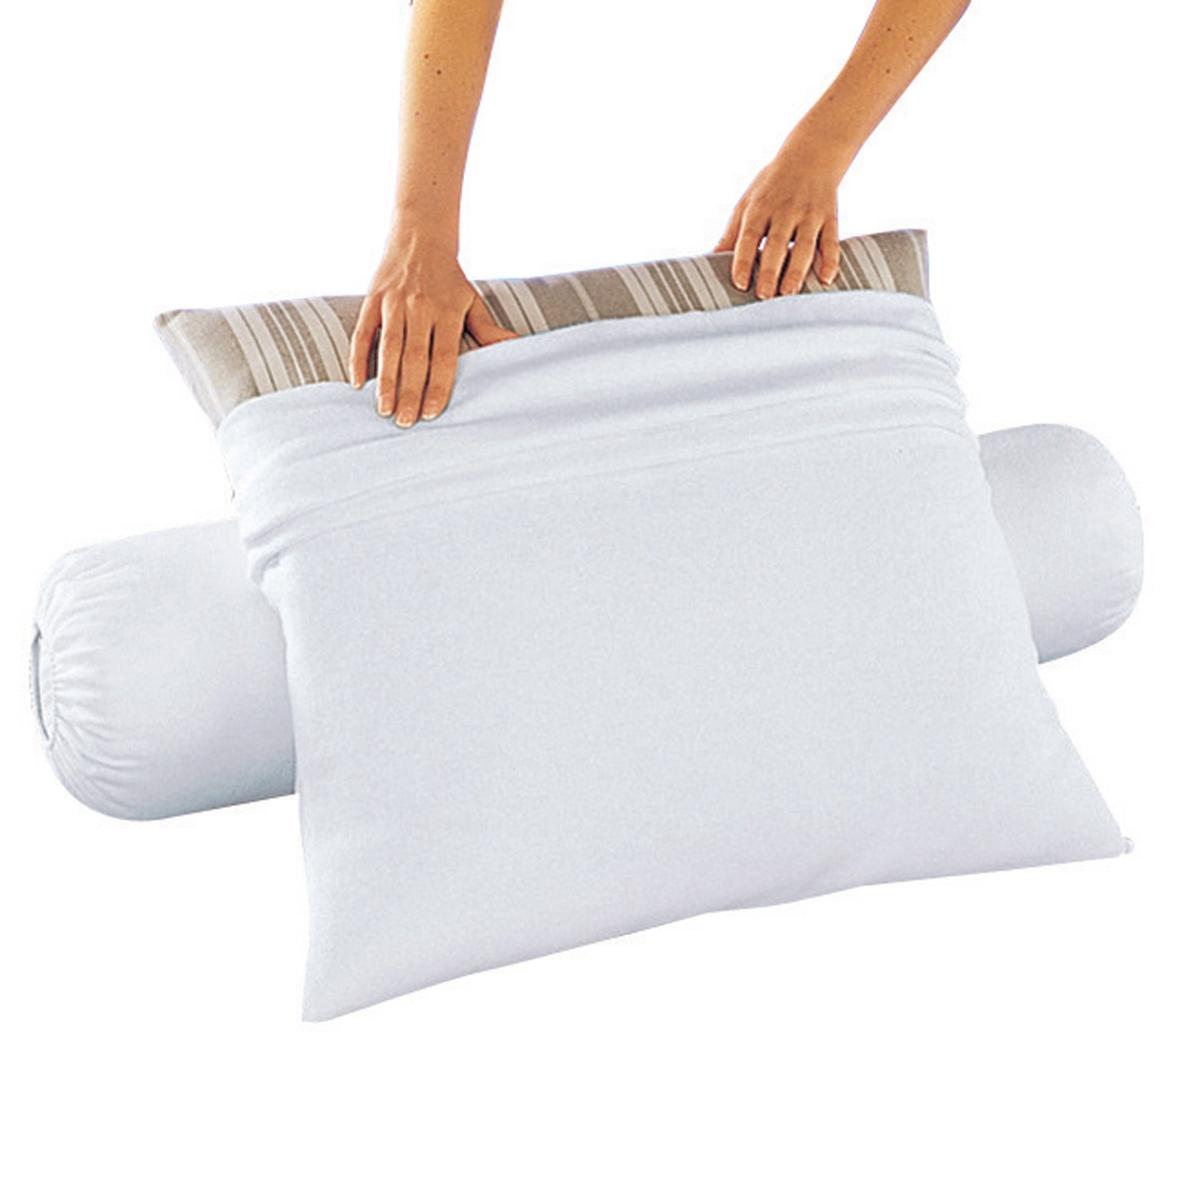 Чехол защитный на подушку из мольтона с обработкой против клещей